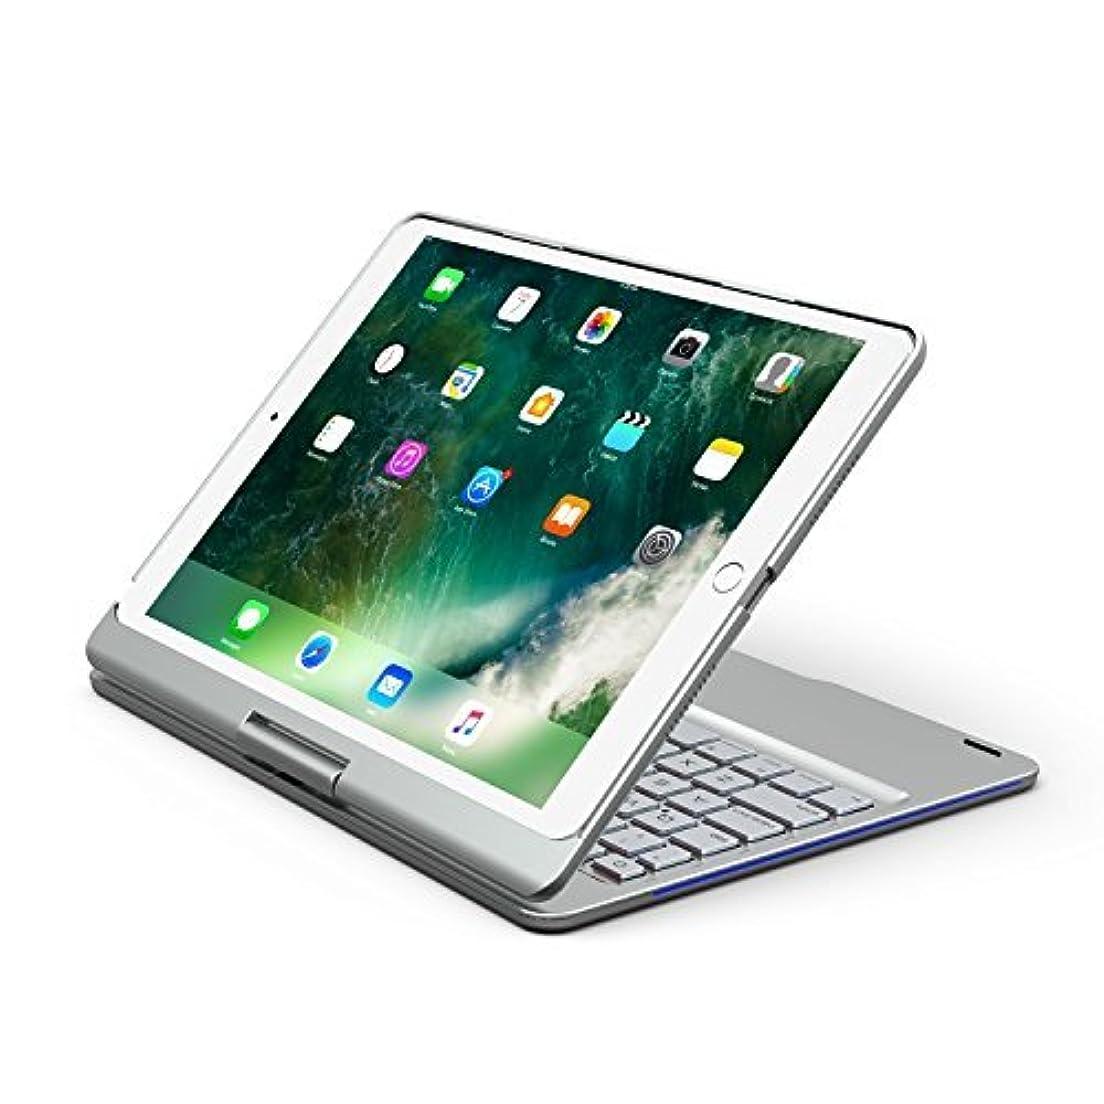 大レンズディスパッチiPad Pro 10.5キーボードケース、businda 7色バックライト付きキーボードケースカバー360 °回転スマートキーボードケース/スリープ付きiPad Pro 10.5 2017 New iPad シルバー